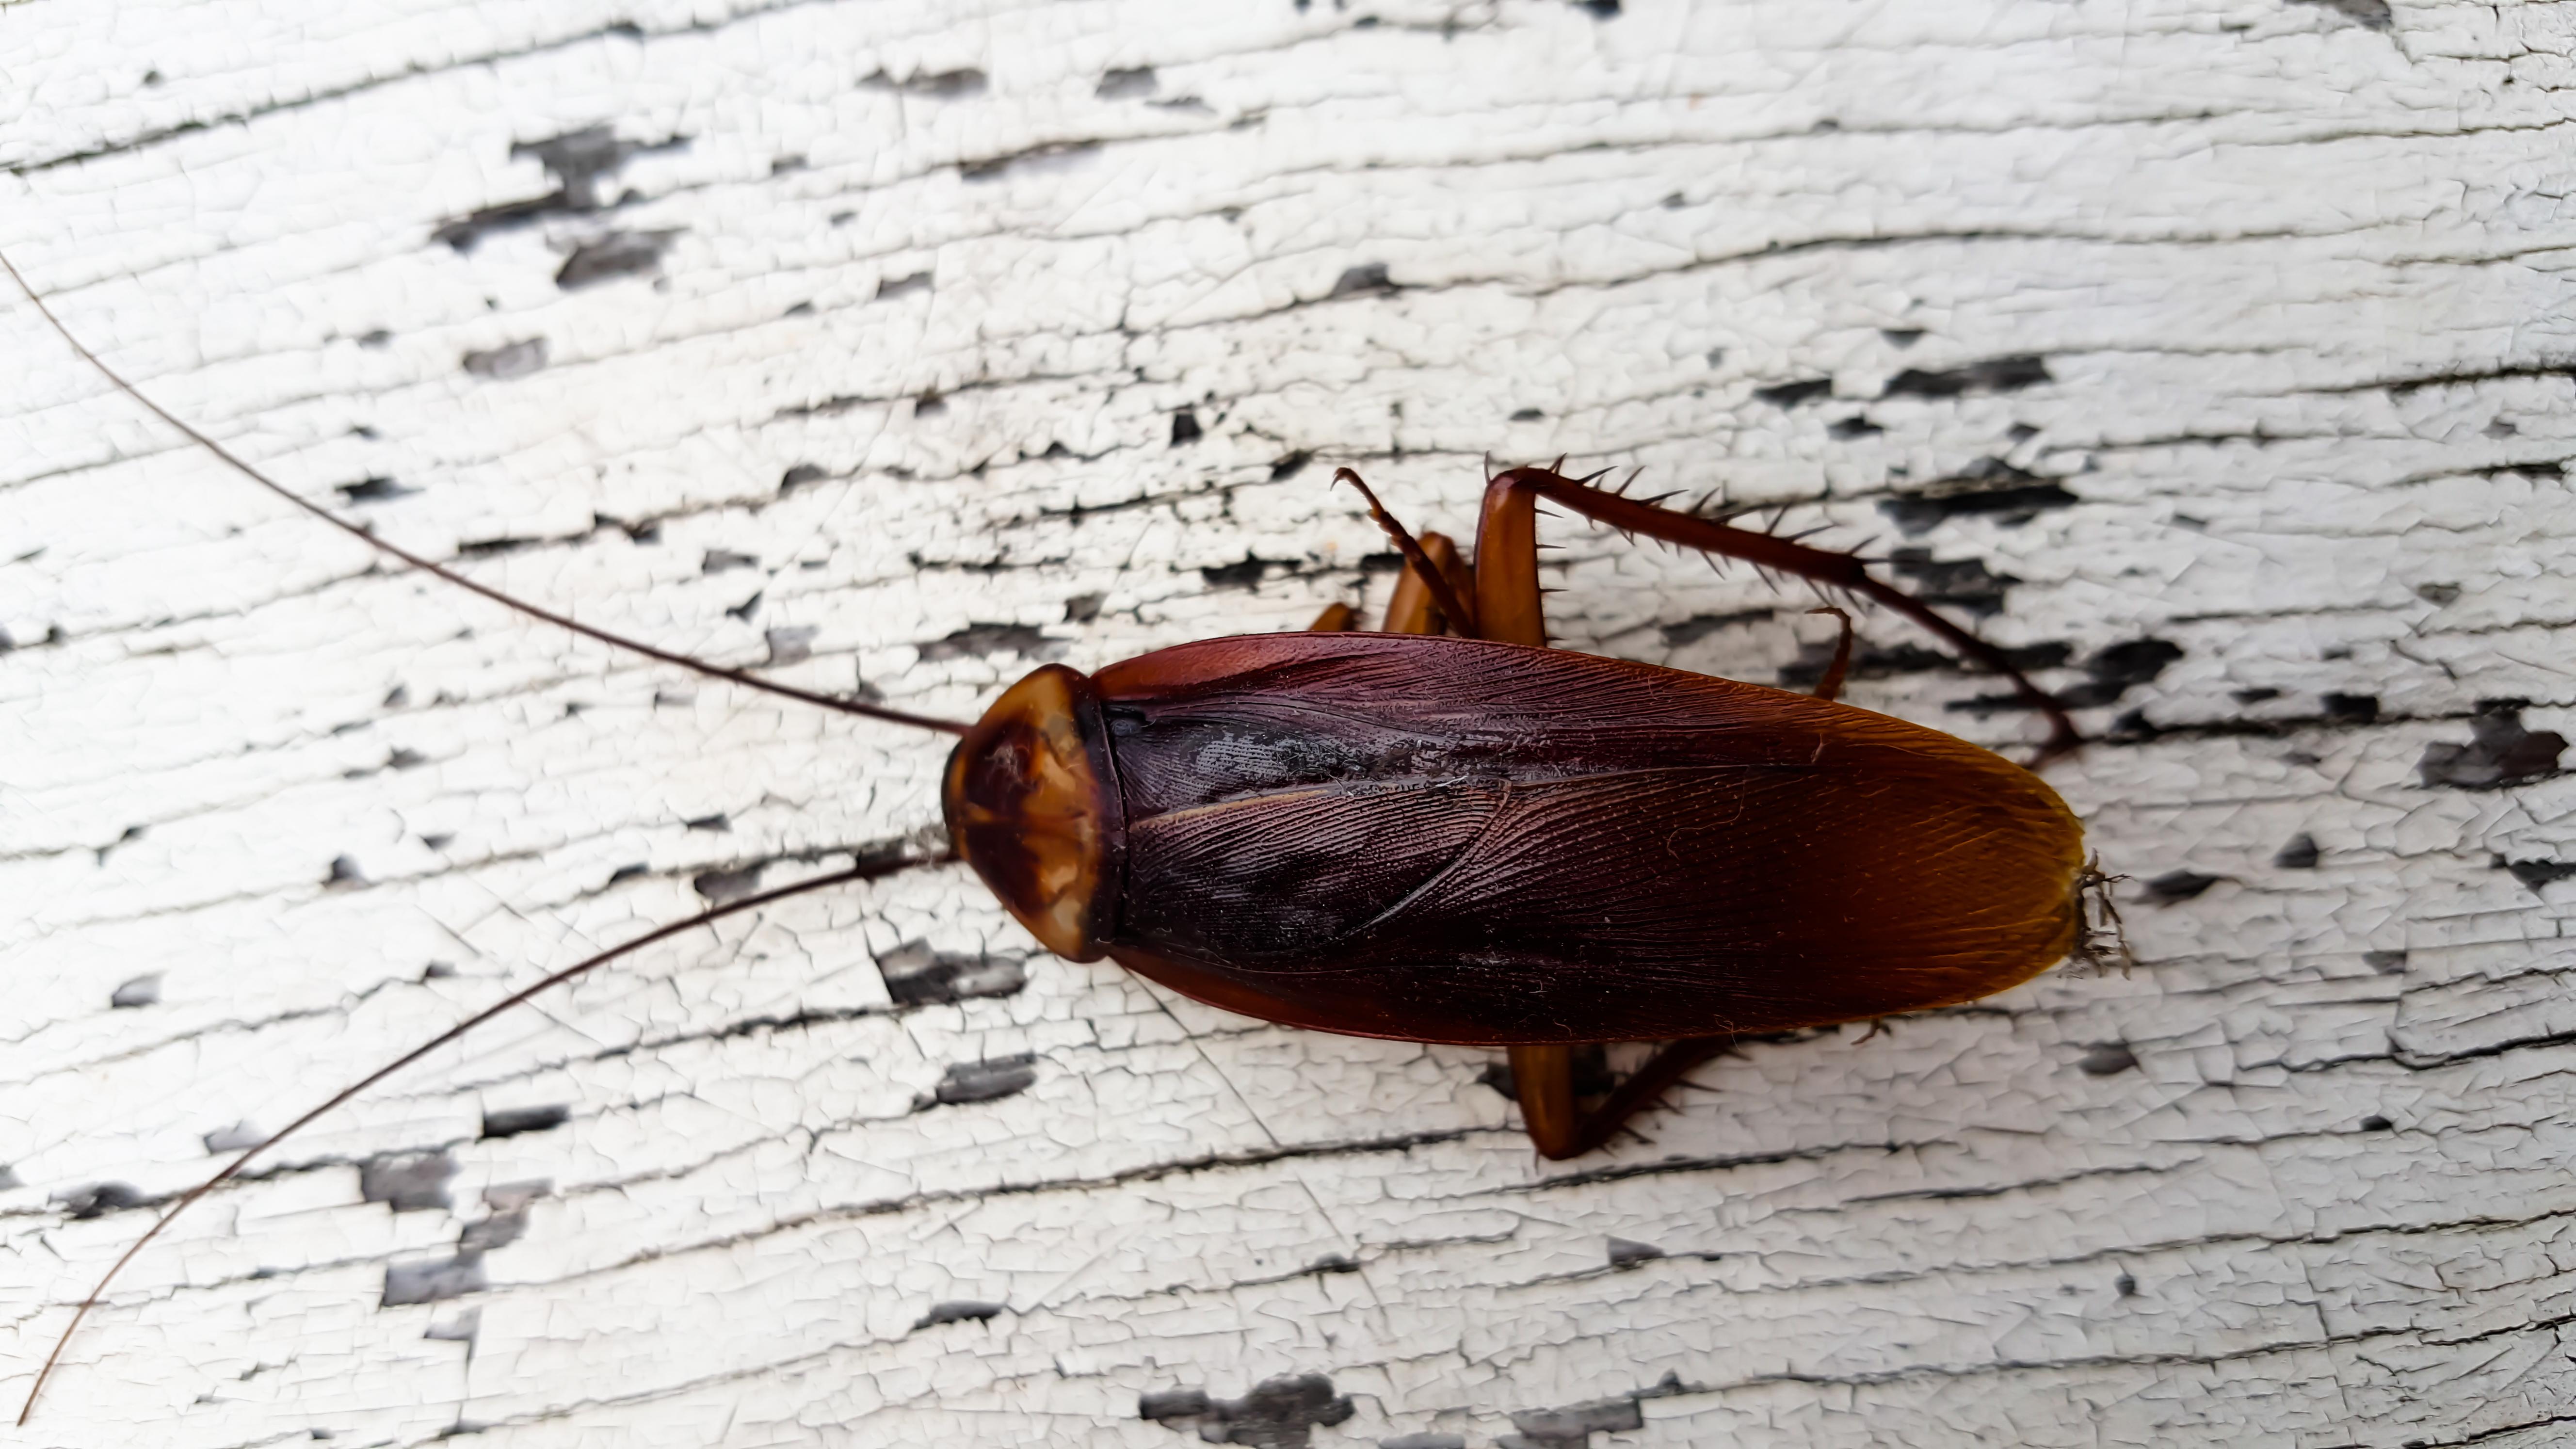 Тараканы: фото, виды (белые, американские, мраморные, домашние и другие), сколько живут эти насекомые, кусаются ли они